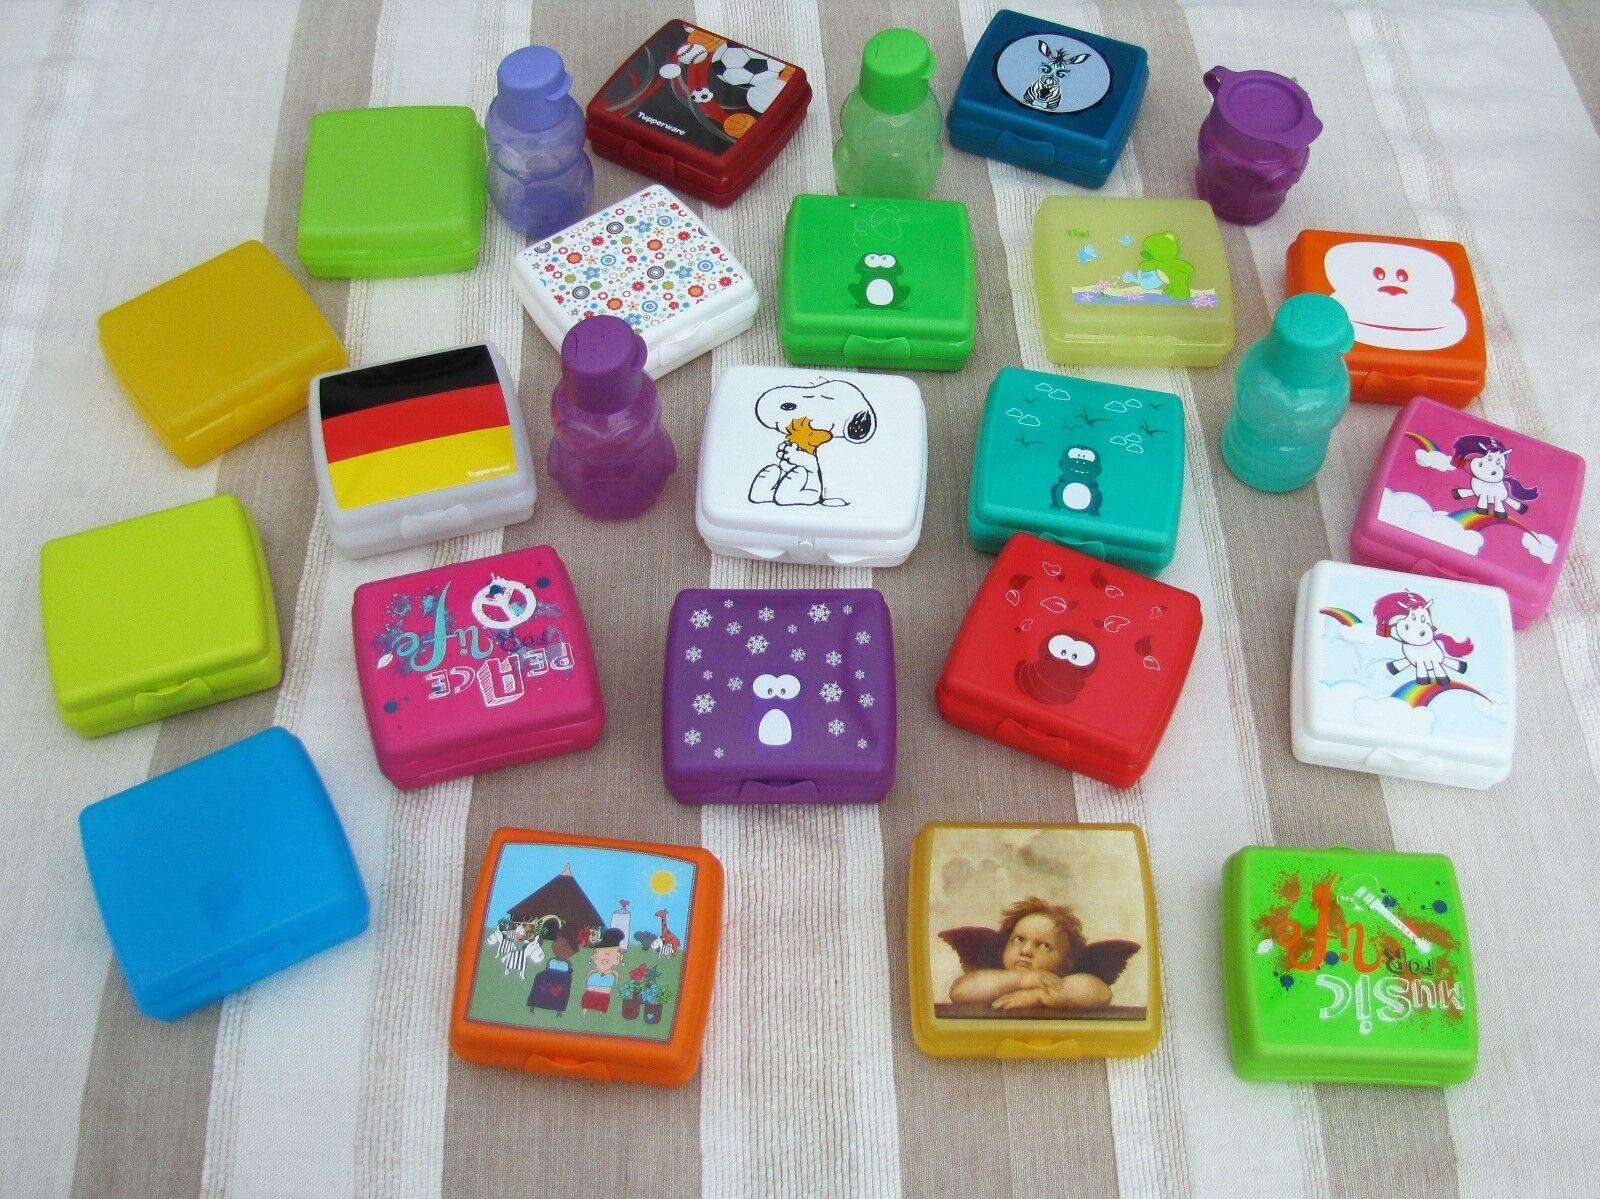 Tupperware Sandwichboxen und Sandwichboxen-Sets